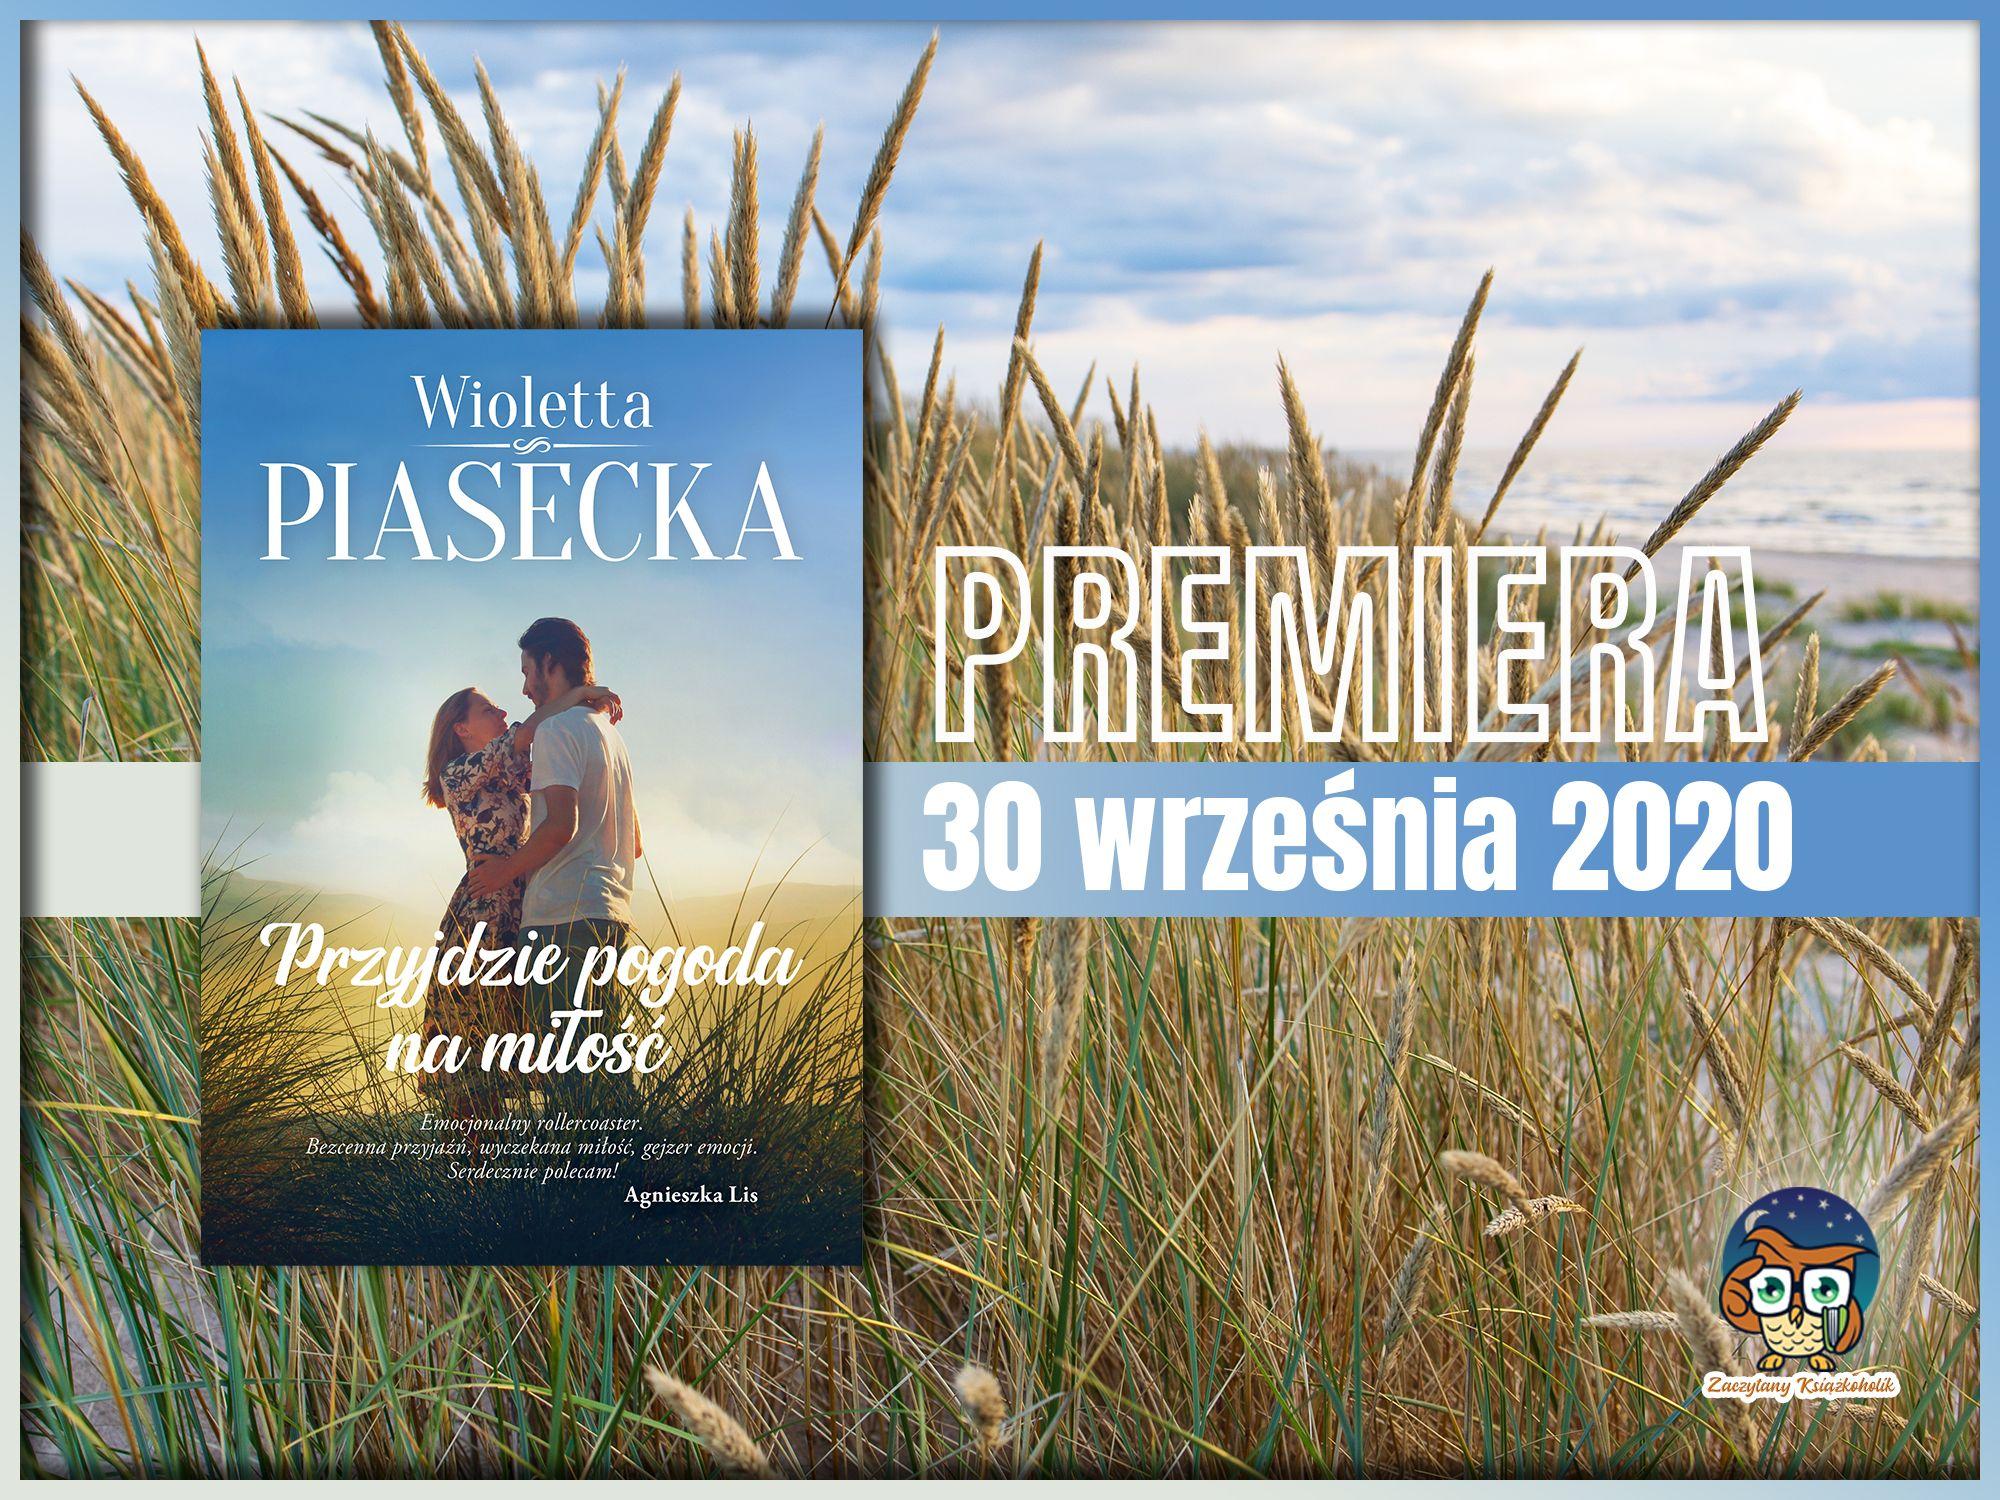 Przyjdzie pogoda na miłość, wioletta piasecka, zaczytanyksiazkoholik.pl